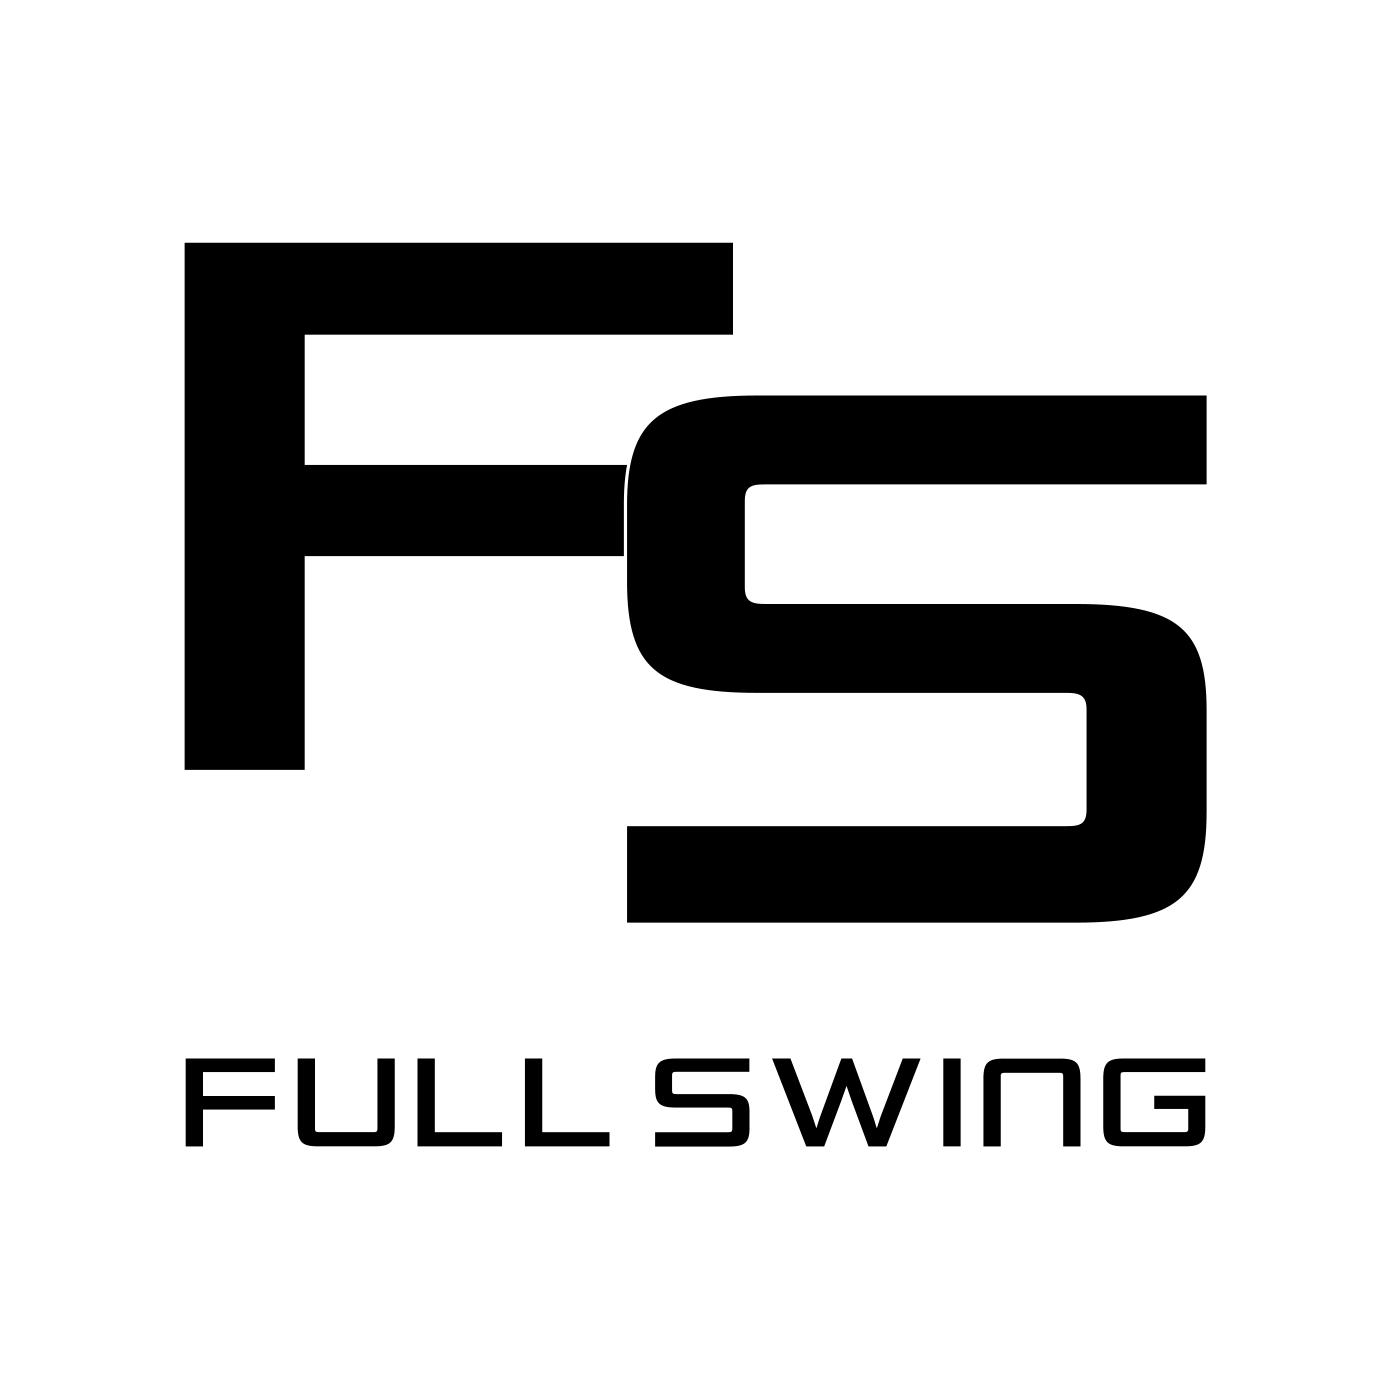 Client Full Swing logo